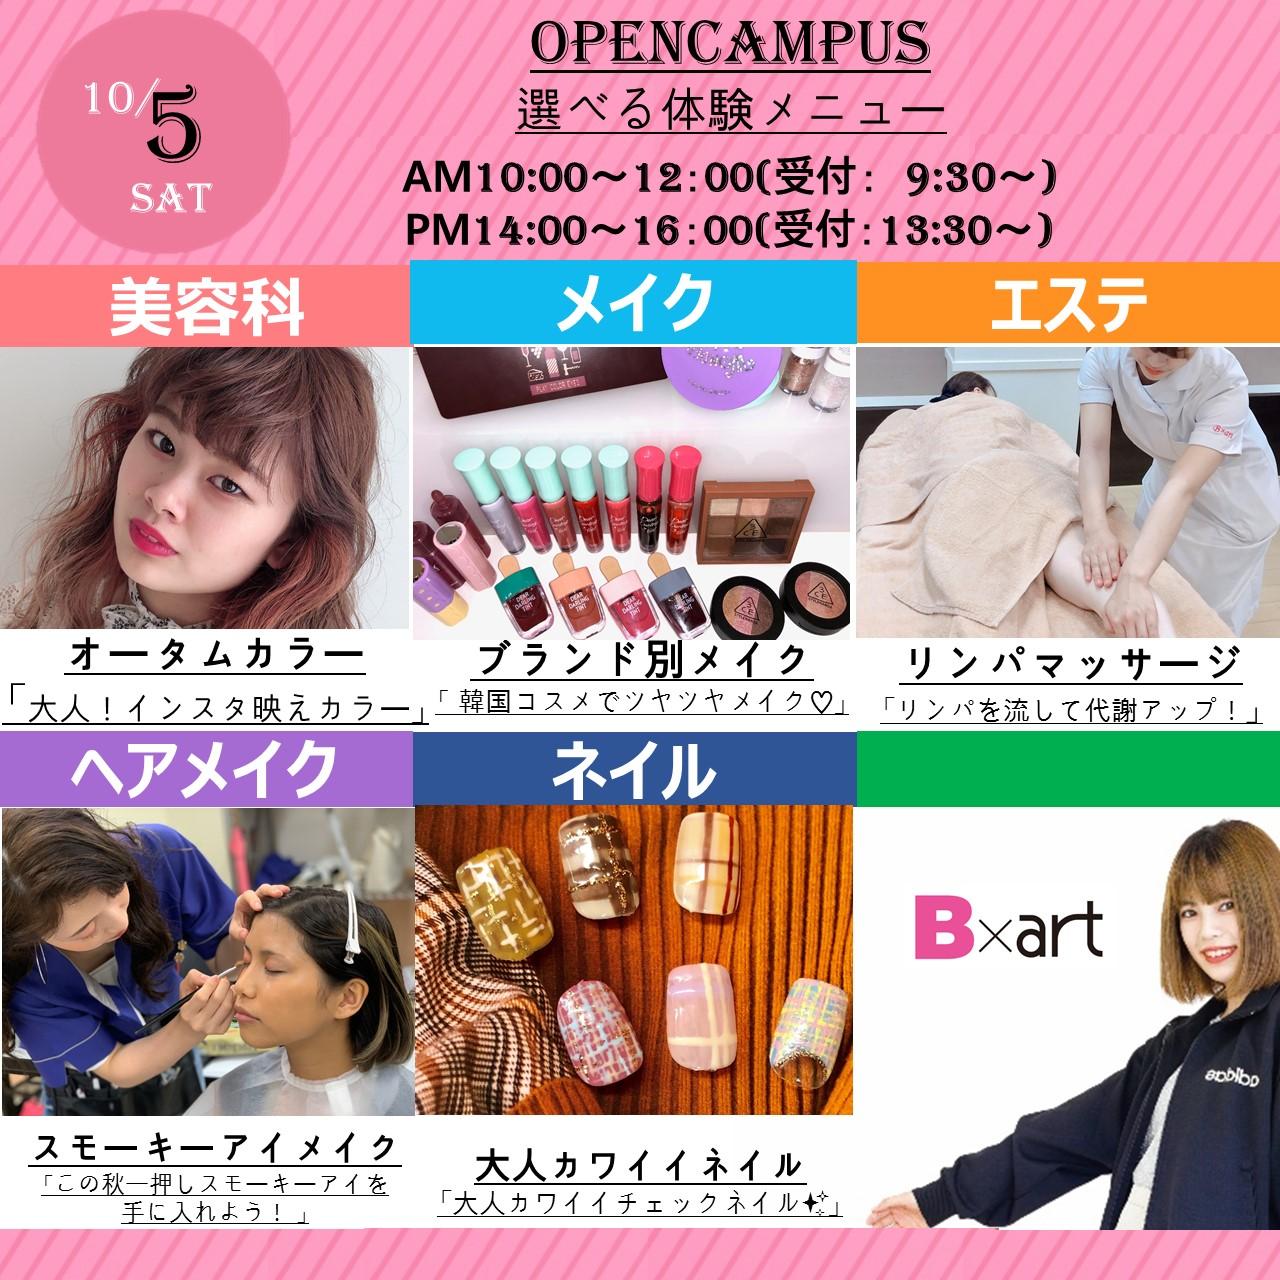 10月5日イベカレ用PPT フォーマット - 横VER.jpg